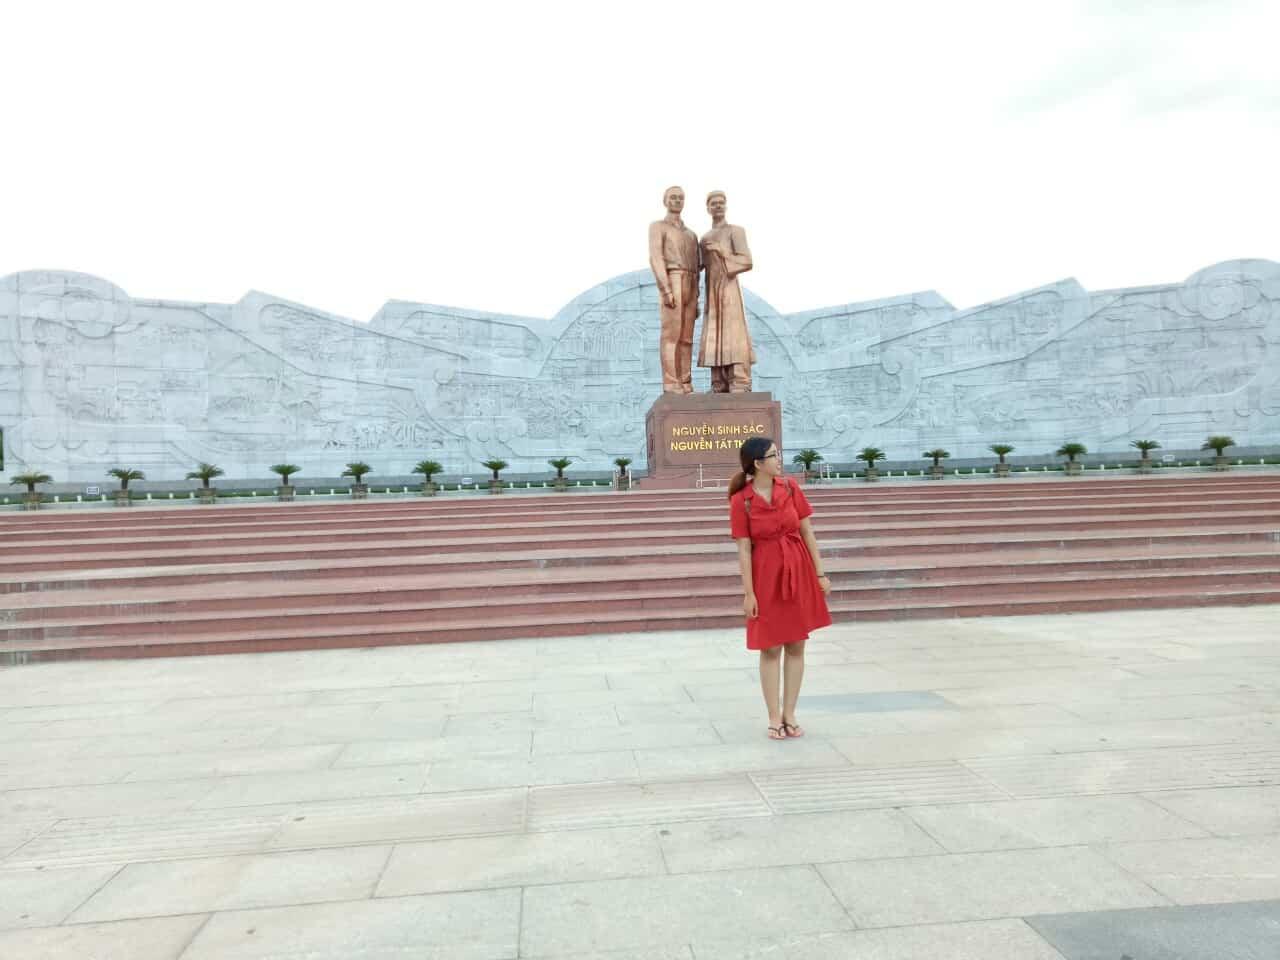 Tượng đài Nguyễn Sinh Sắc - Nguyễn Tất Thành ngay trung tâm thành phố